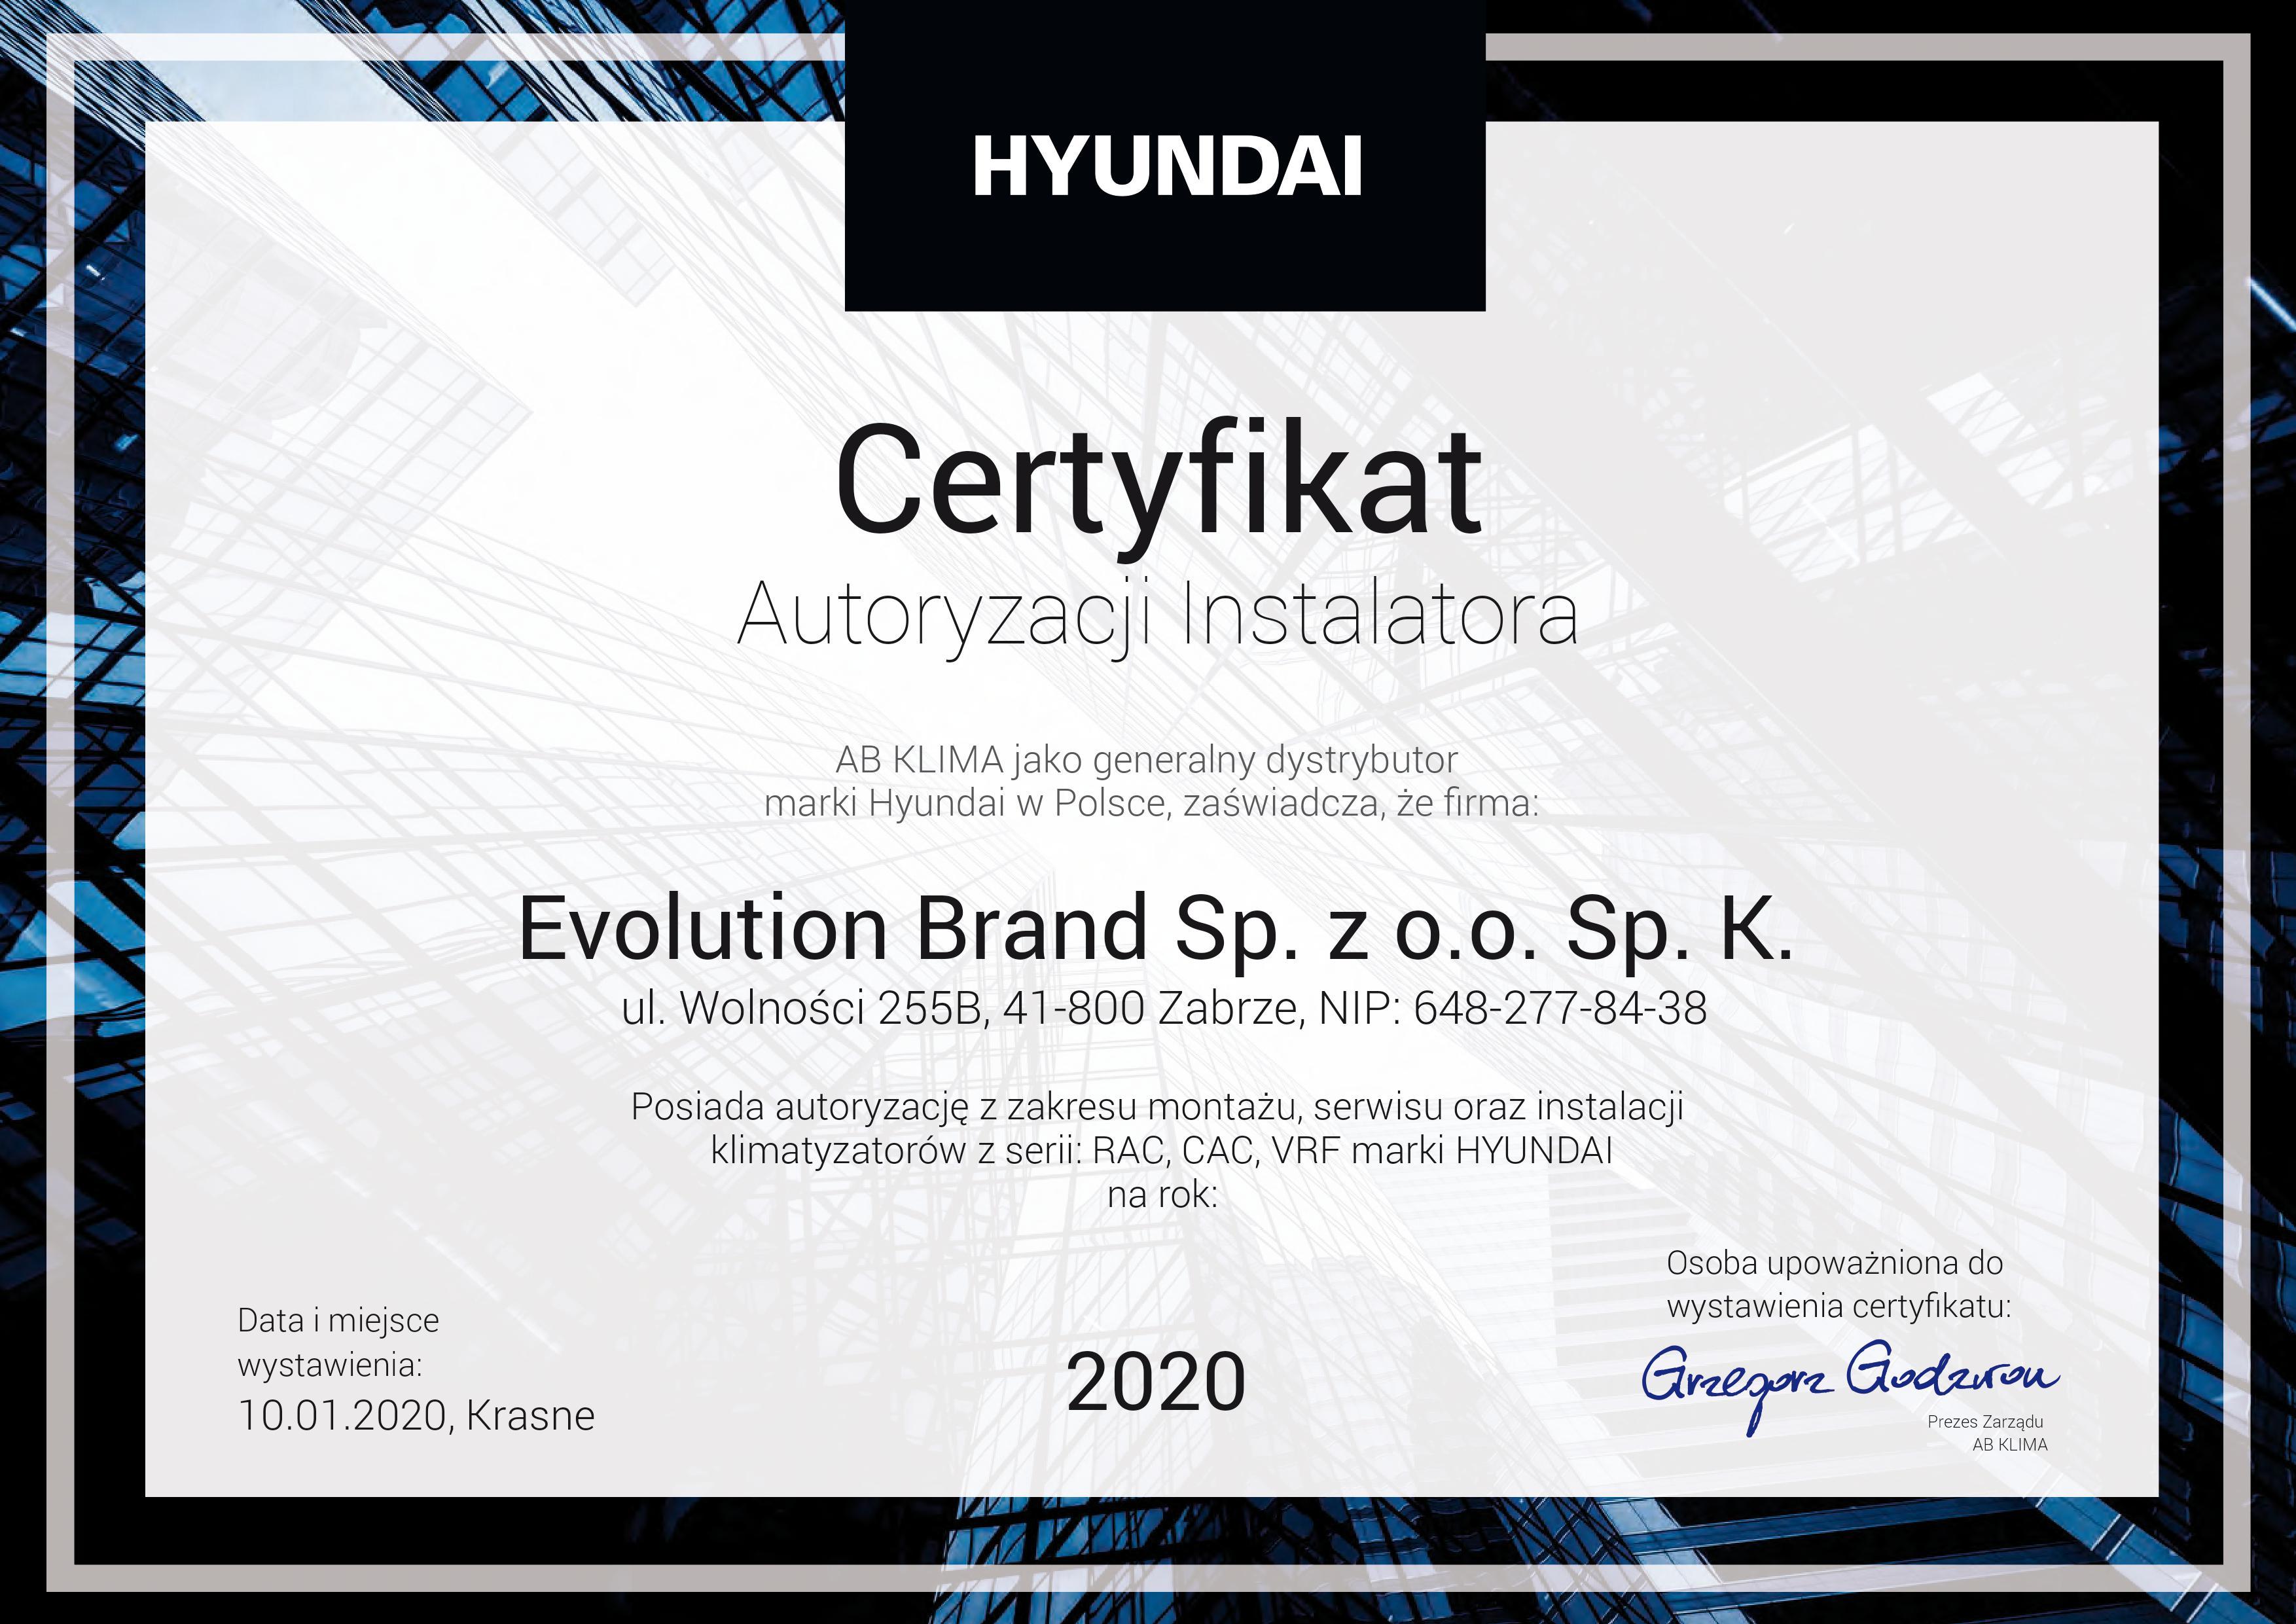 Certyfikat Hyundai 2020